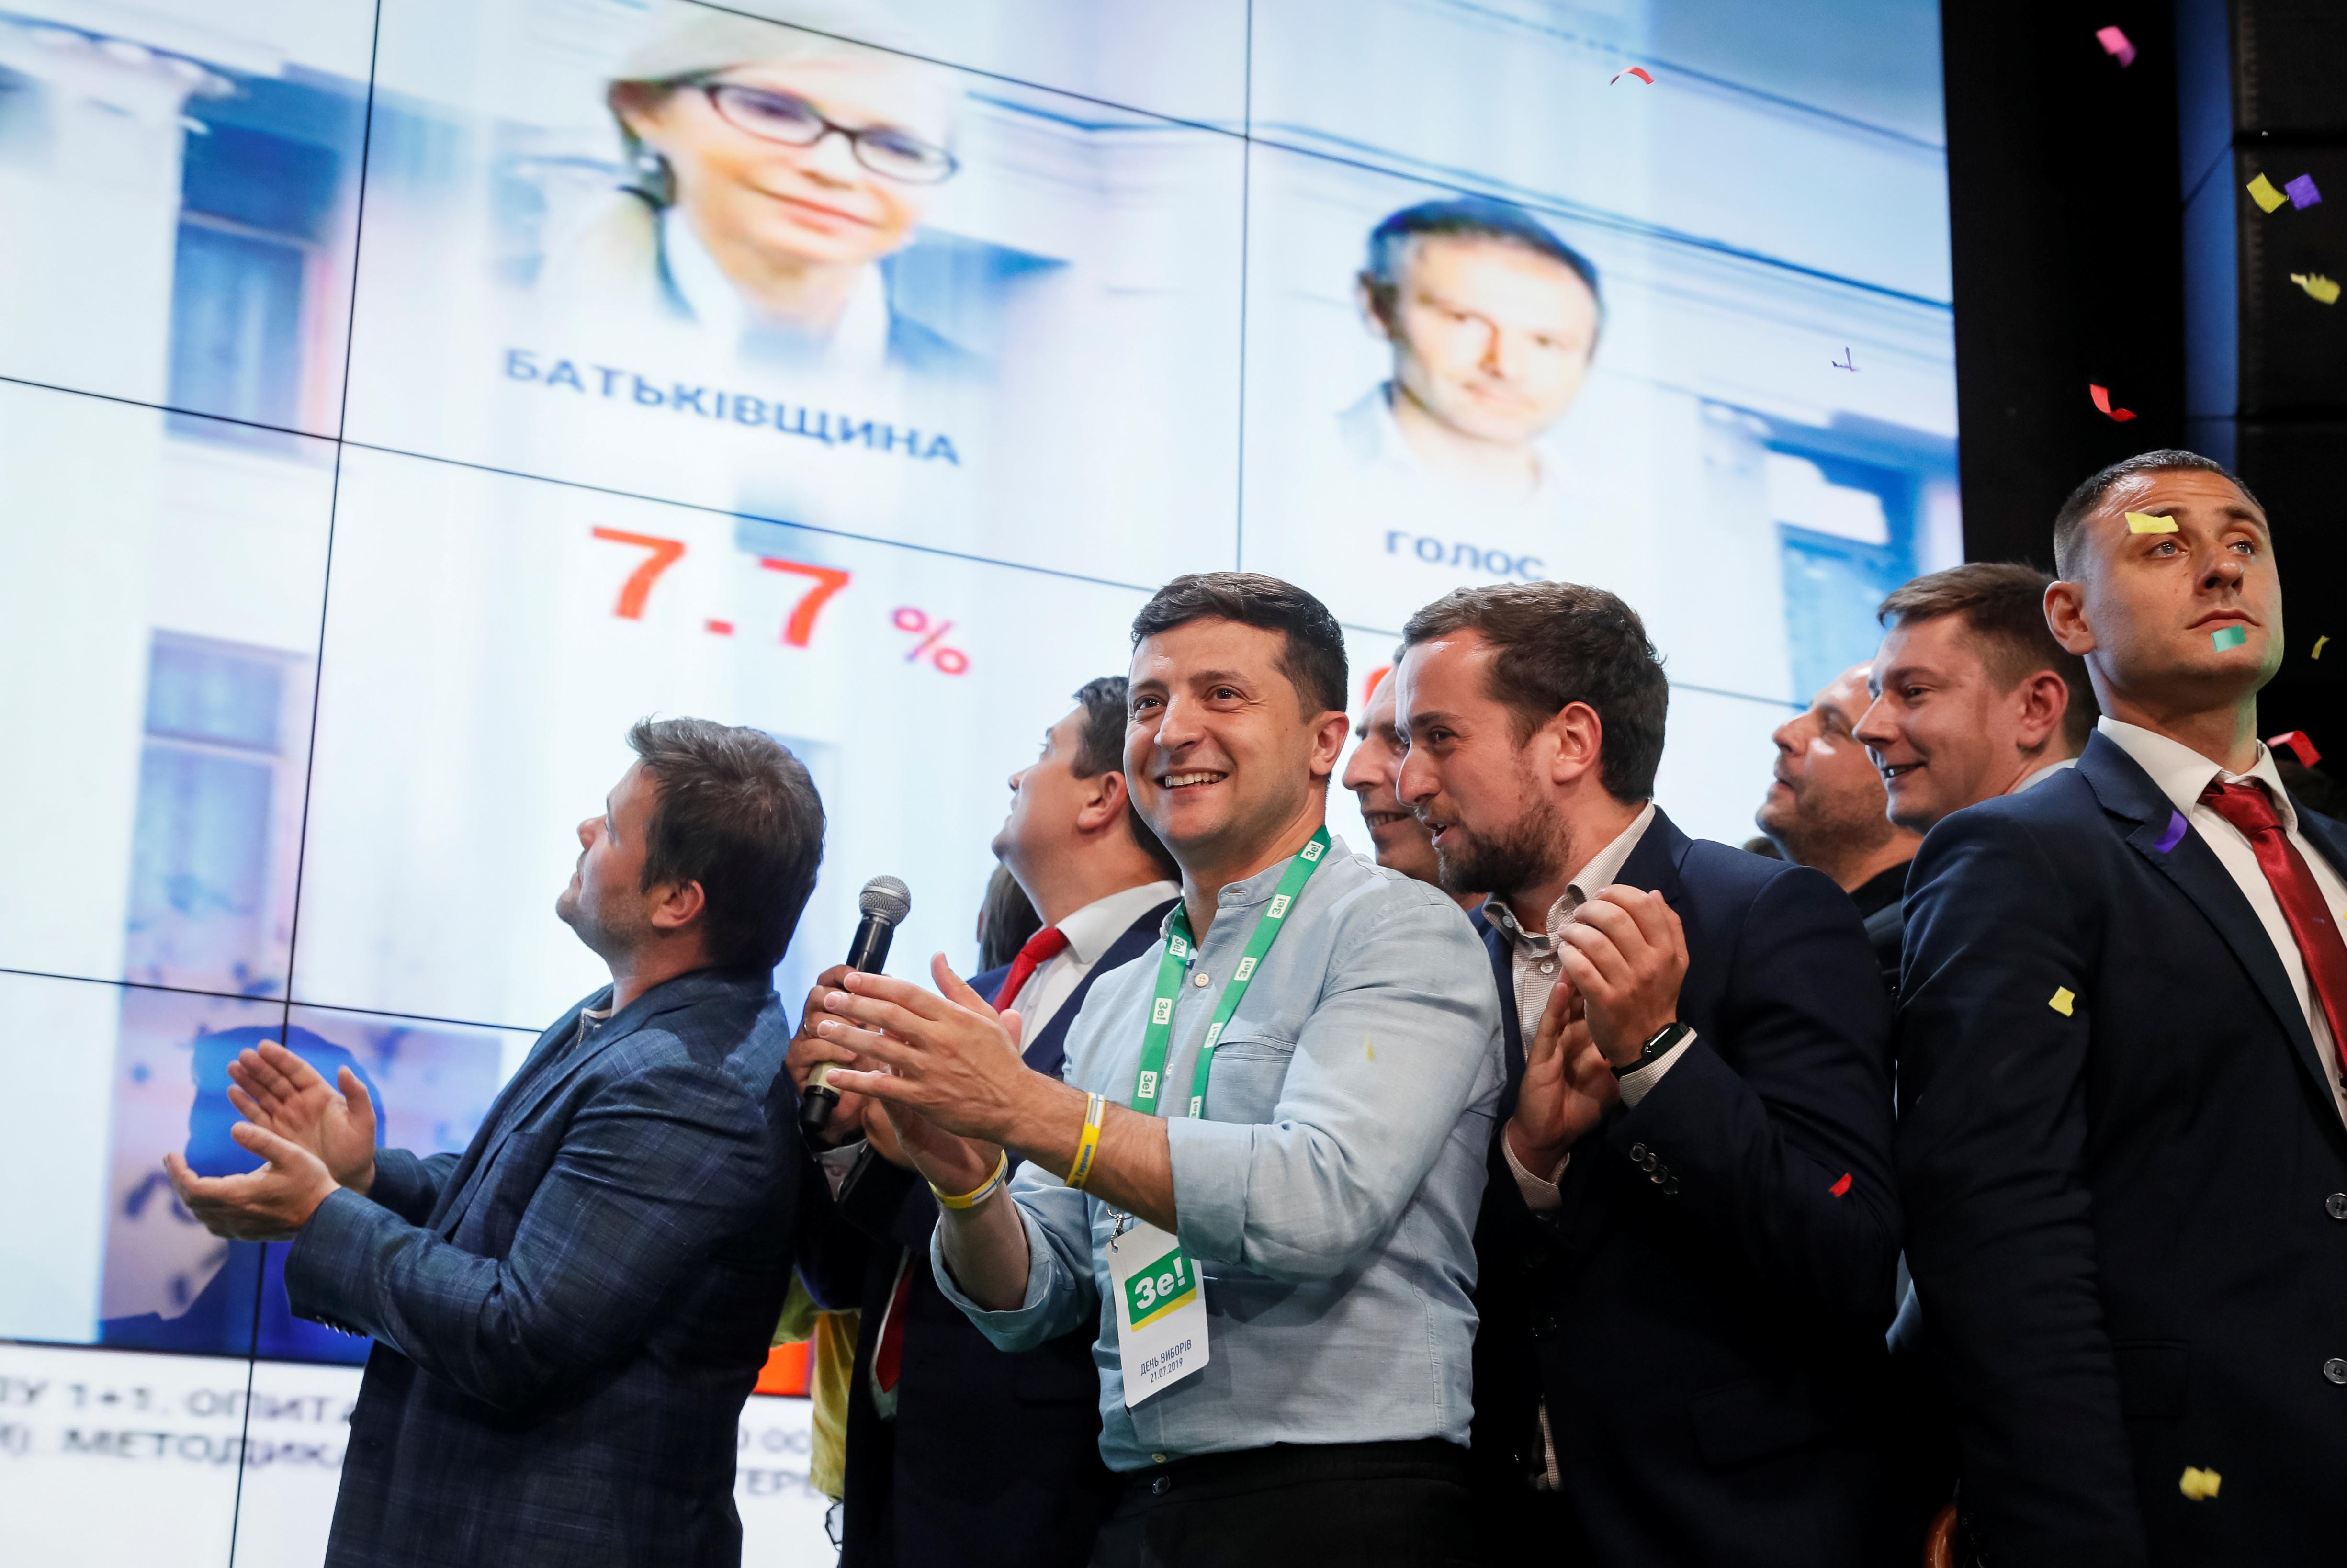 Le président ukrainien en passe de remporter les élections législatives